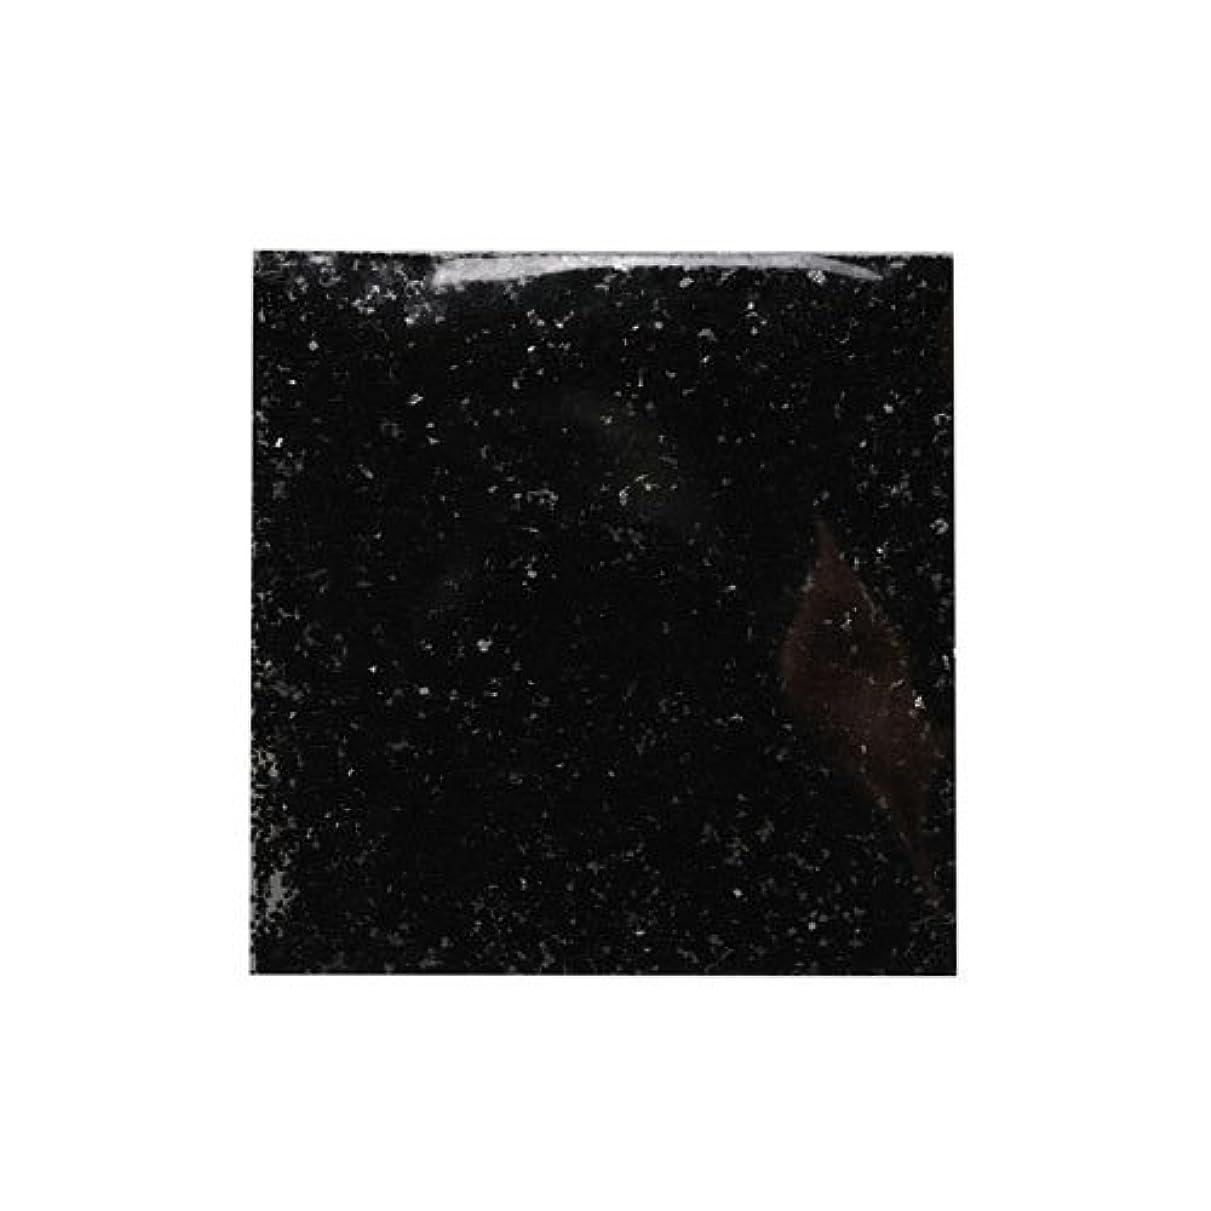 誤解する株式発揮するピカエース ネイル用パウダー ラメメタリック M #537 ブラック 2g アート材